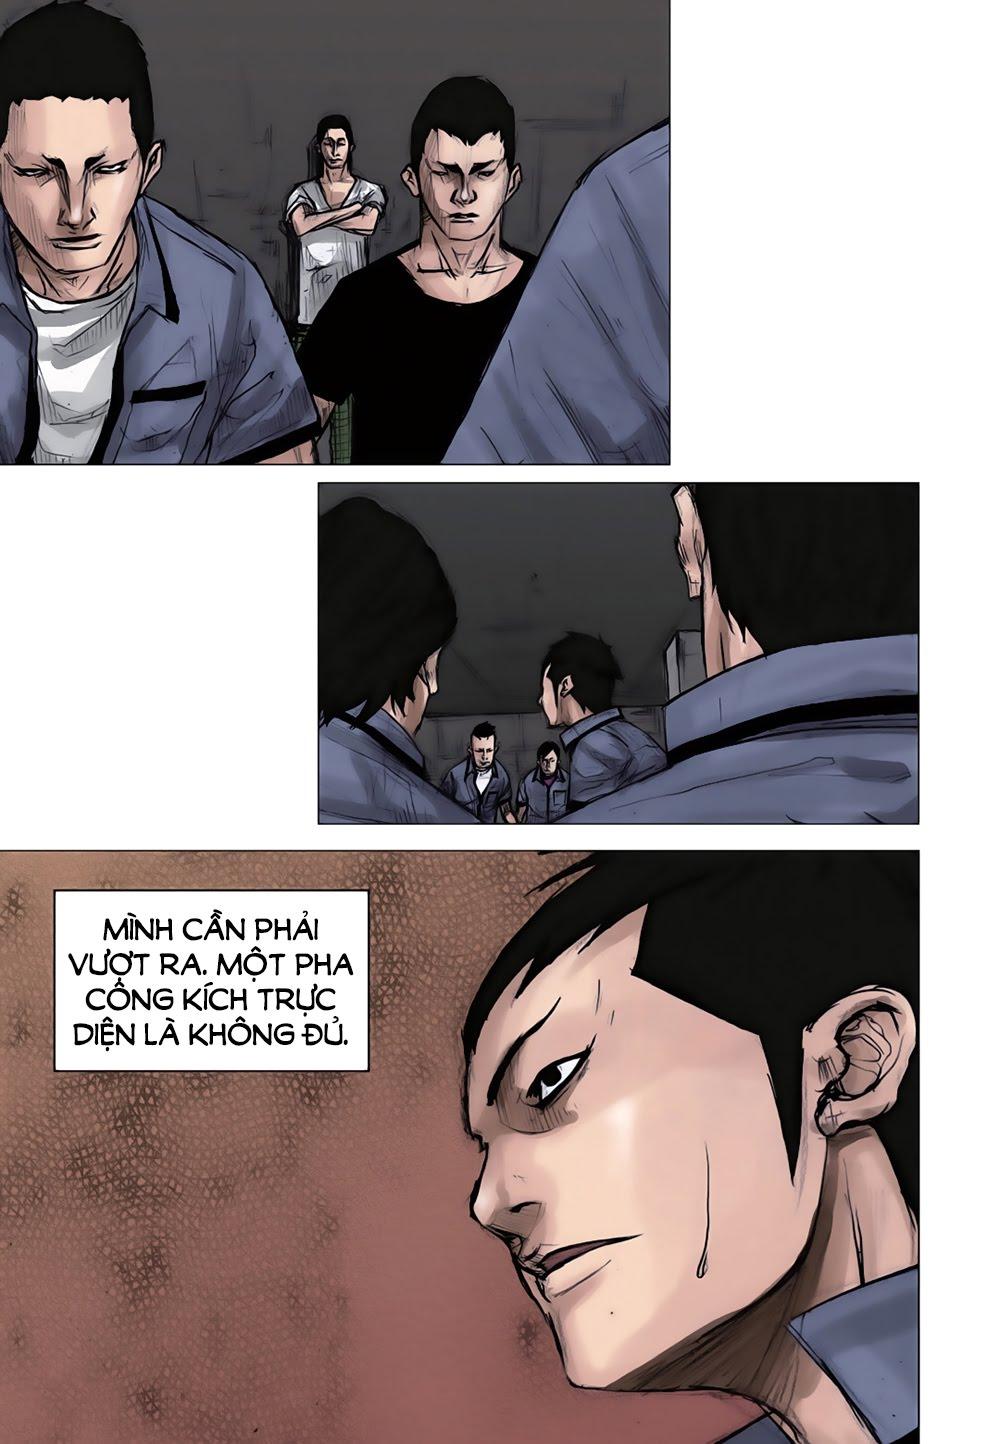 Tong phần 1-4 trang 8